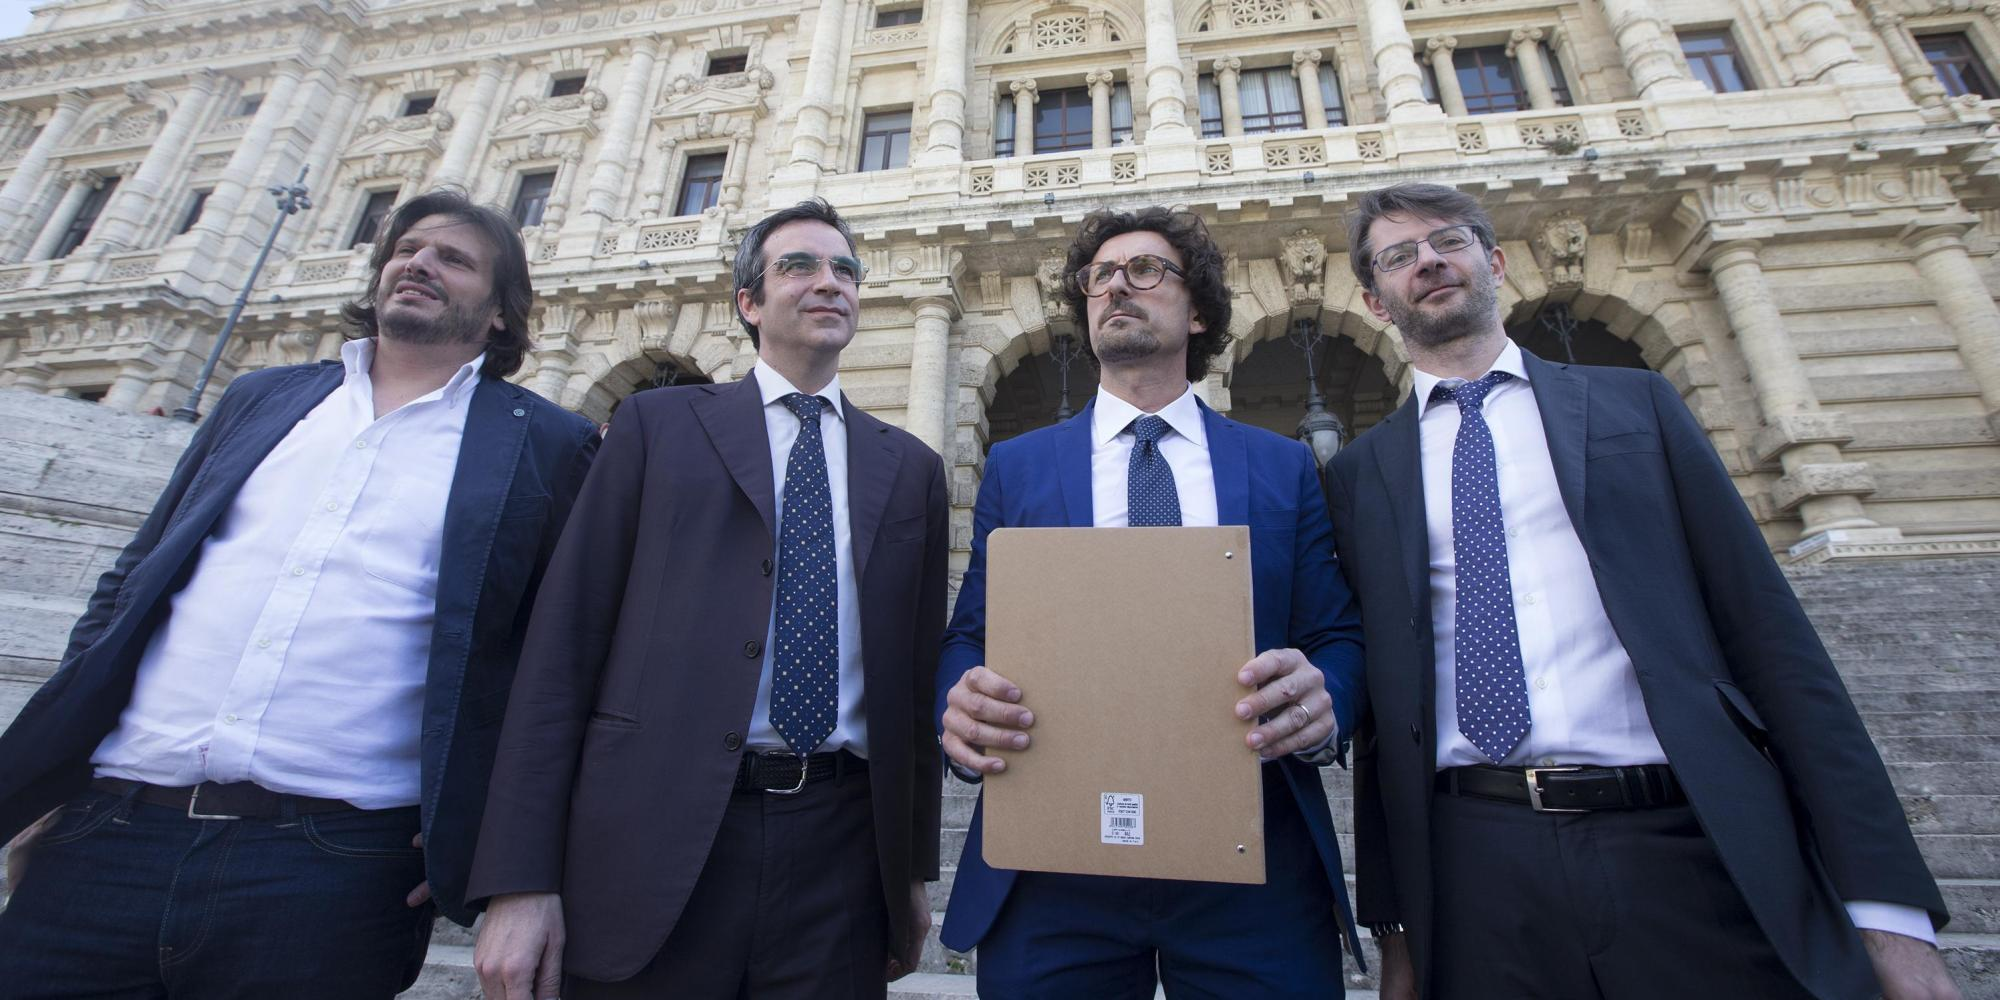 Perché Zagrebelsky sbaglia sulla riforma della Costituzione | intervista a Stefano Ceccanti